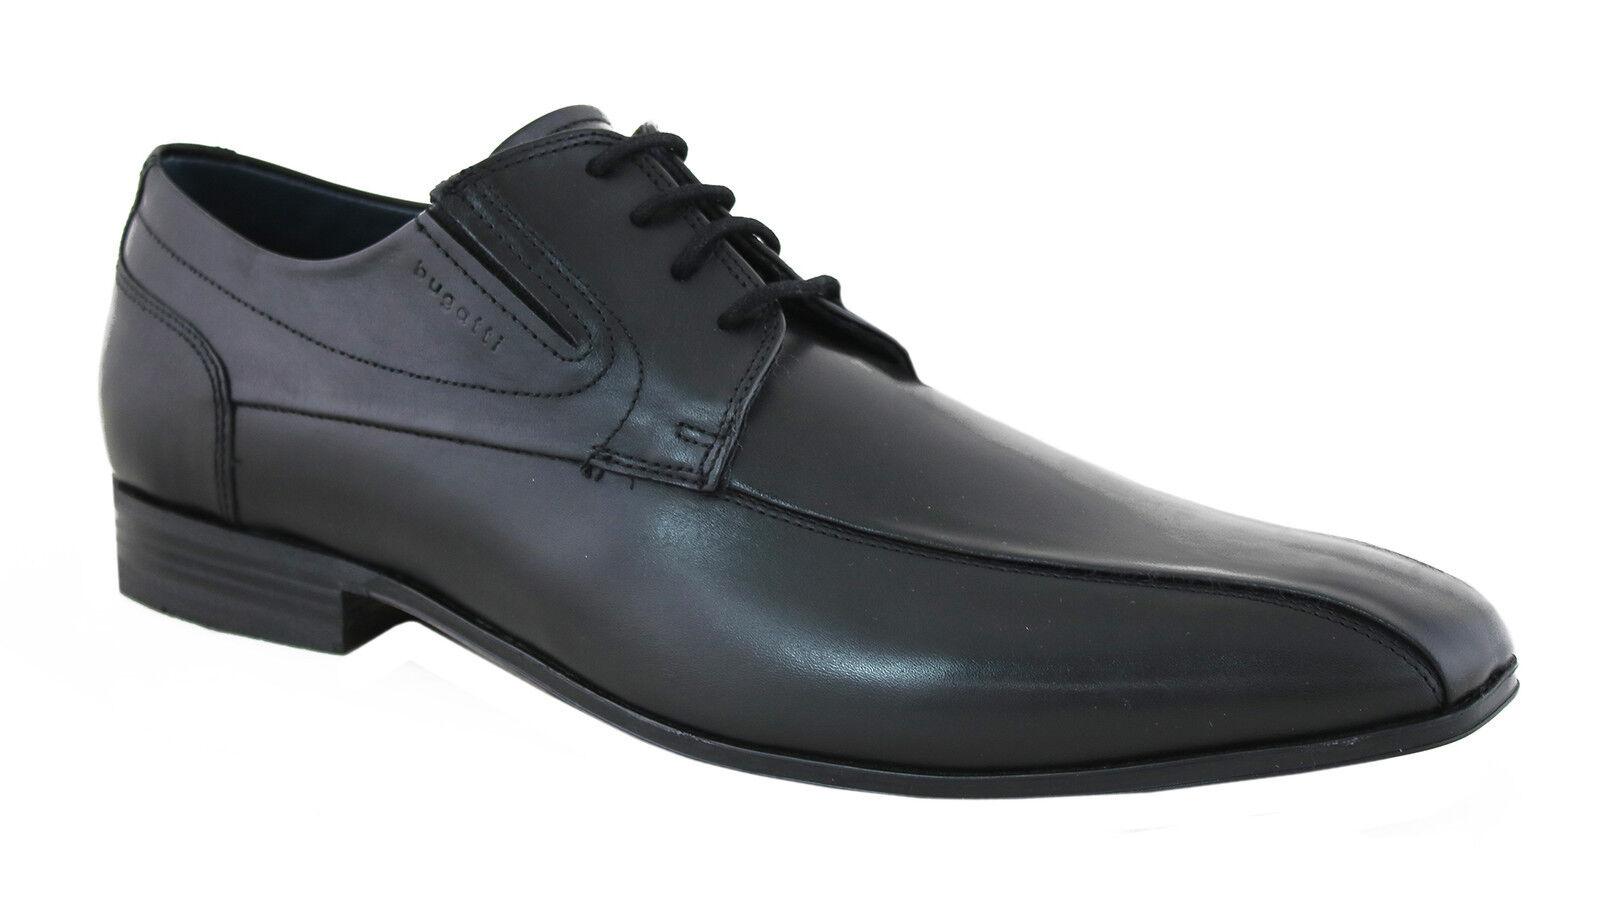 Billig gute Qualität Bugatti Herren Schnürschuhe Business-Schuhe U1802-1-100